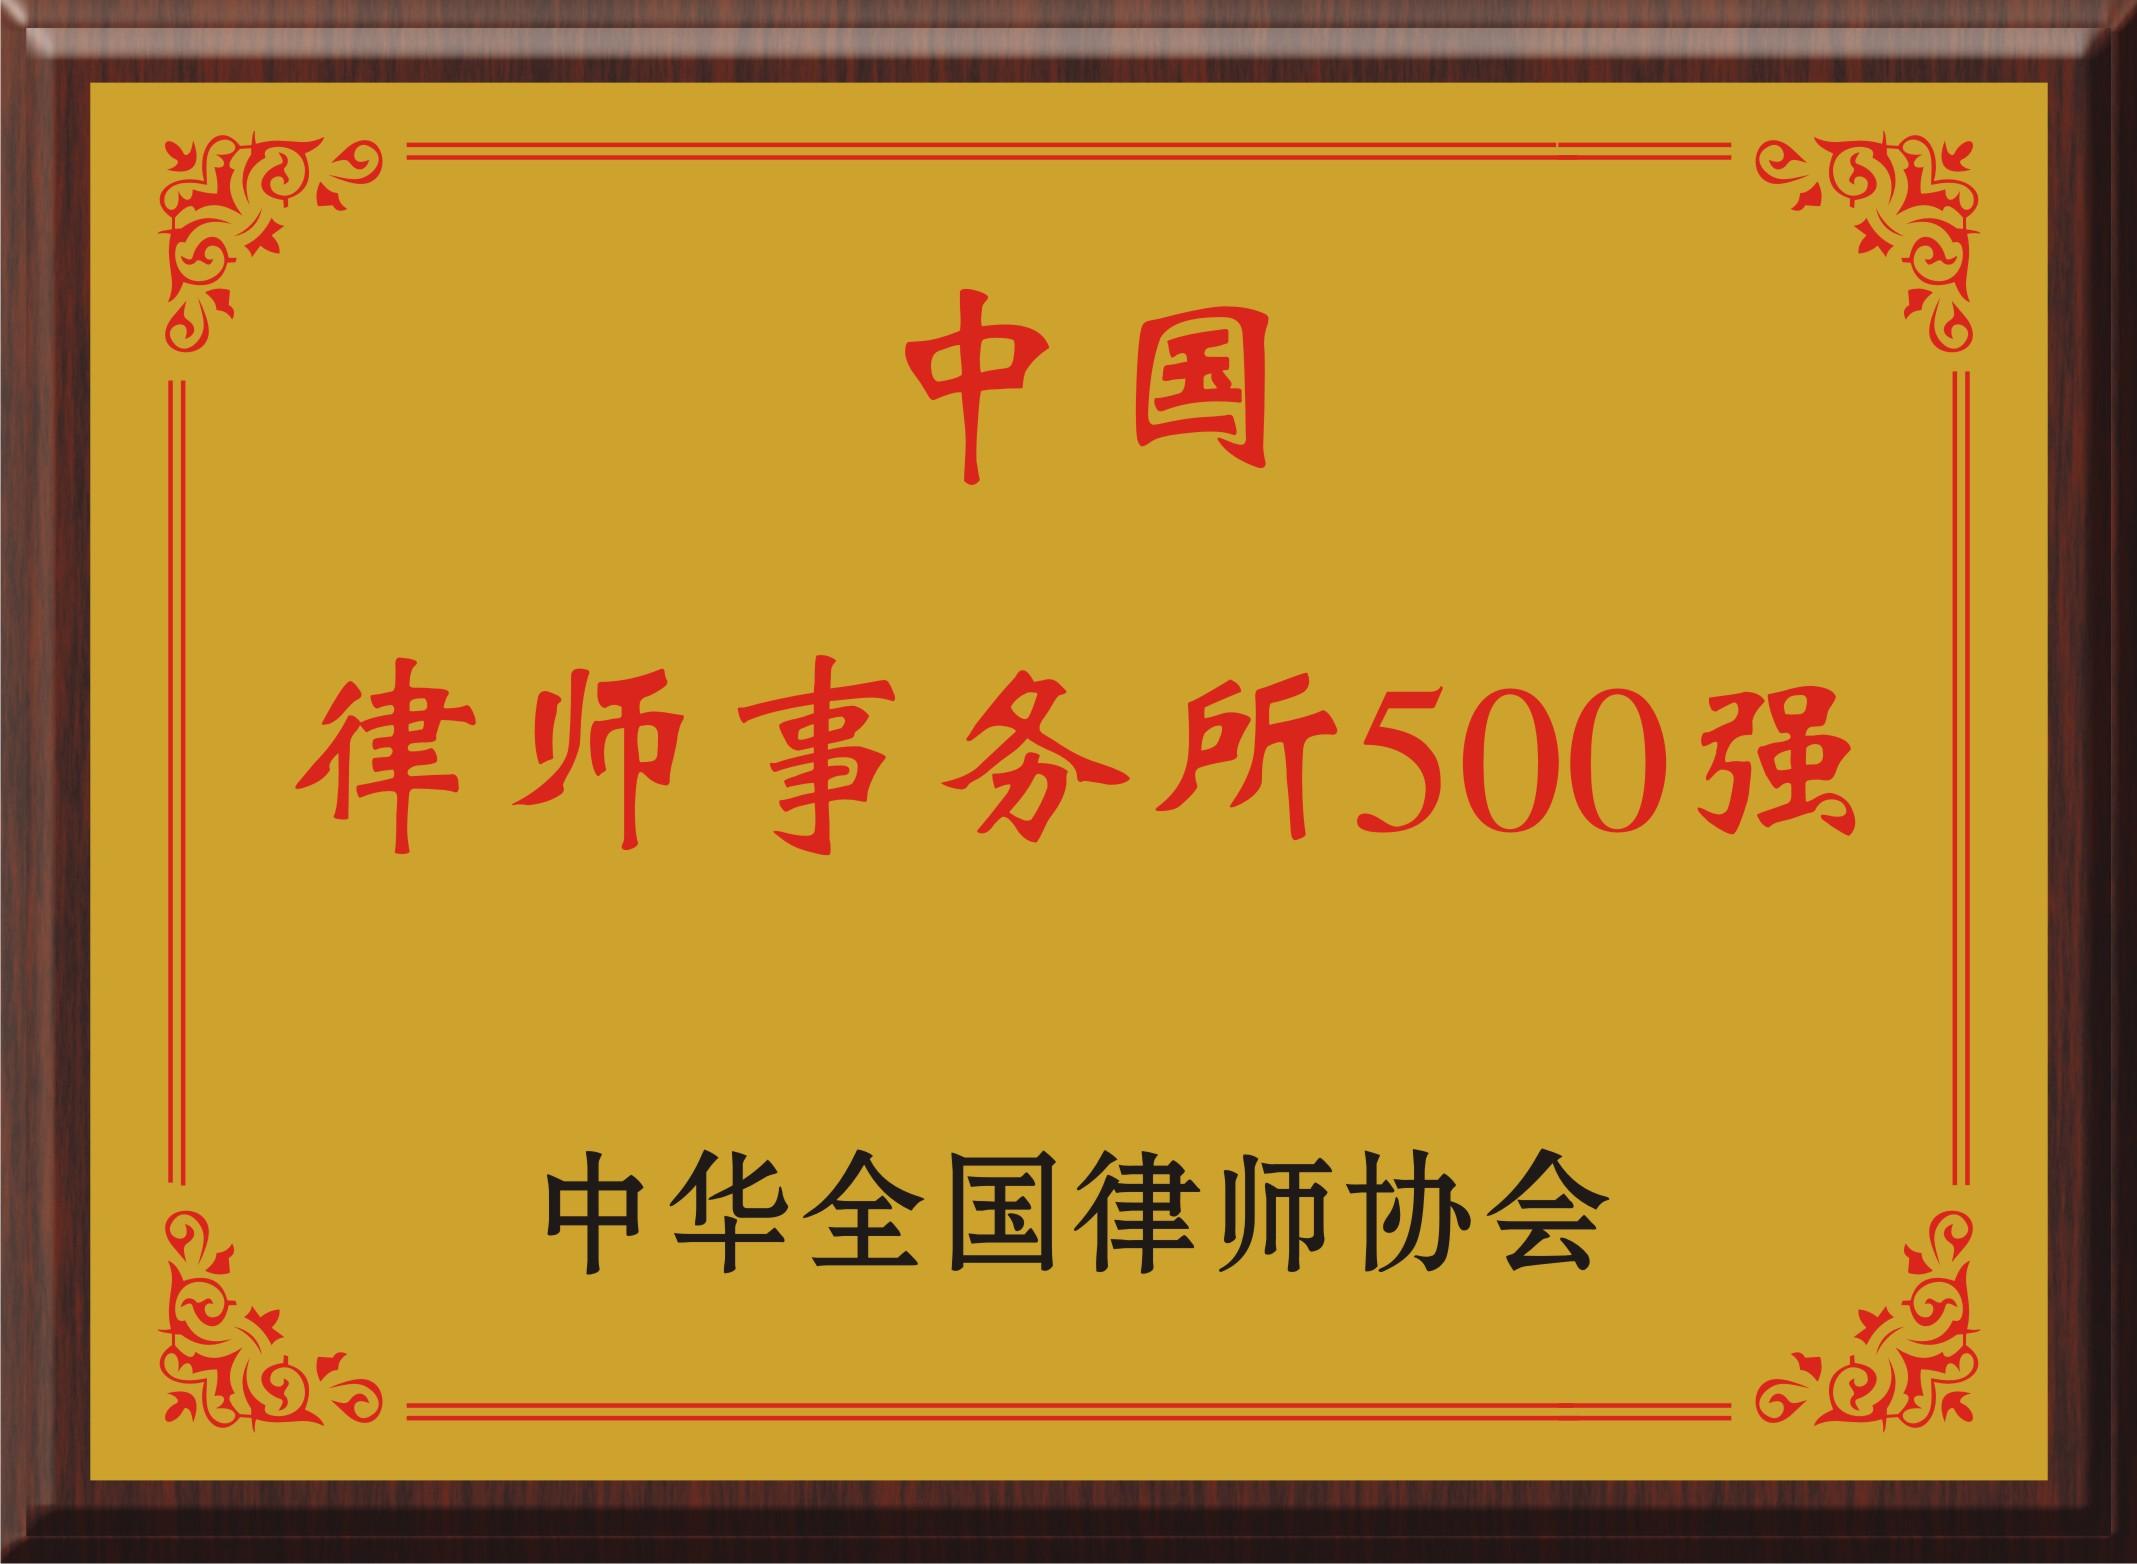 中国必威体育中文版事务所500强